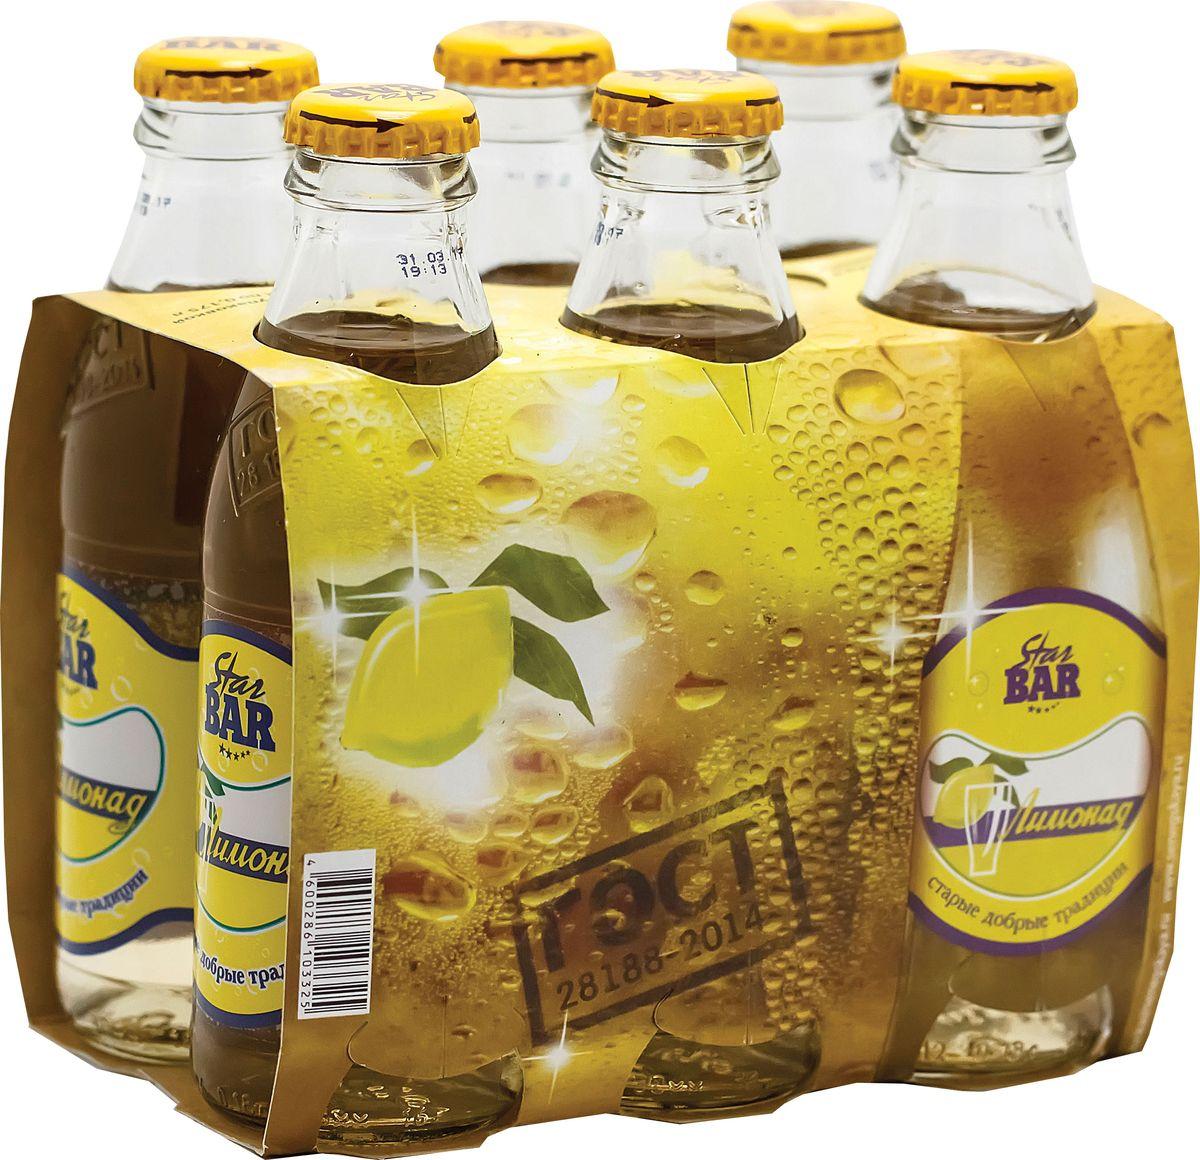 Star Bar Лимонад, 6 шт по 0,175 л старый источник газированный напиток любимый аромат лимонад стекло 0 5л